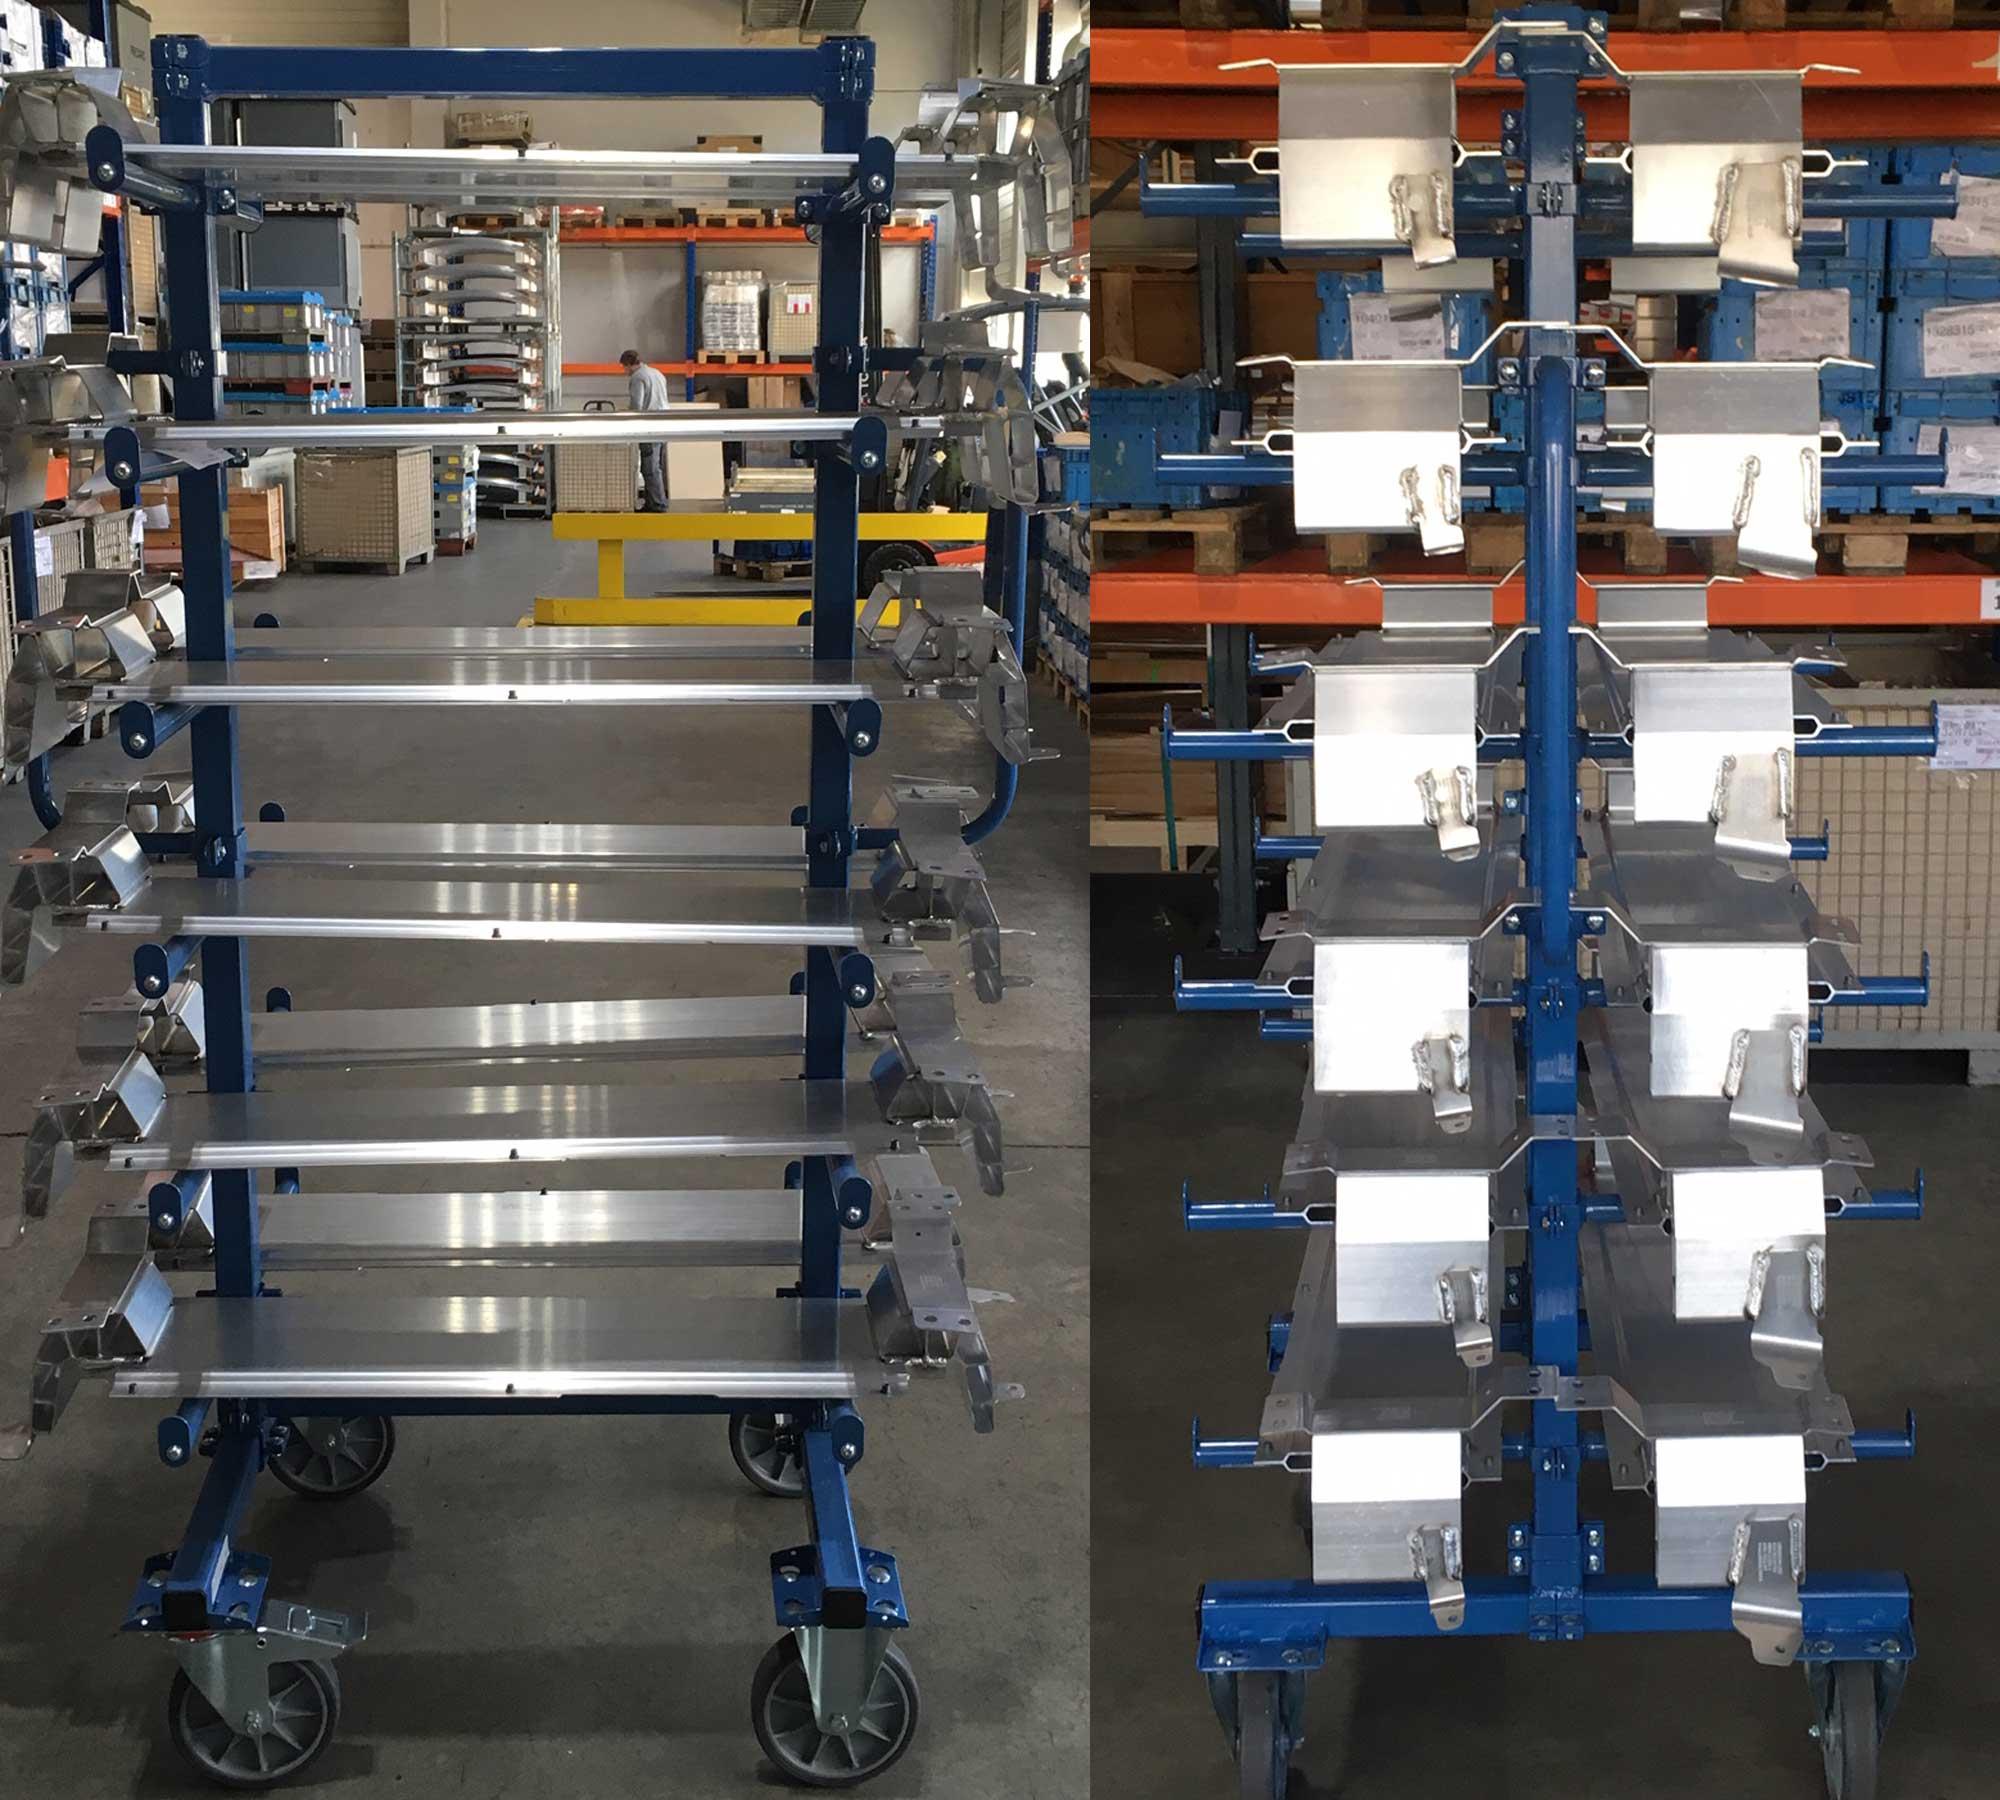 Hordenwagen 800 x 800 mm mit zweiseitigen Auflagen á 370mm plus Grundboden, Schiebegriffe, hier in der praktischen Anwendung beim Kunden